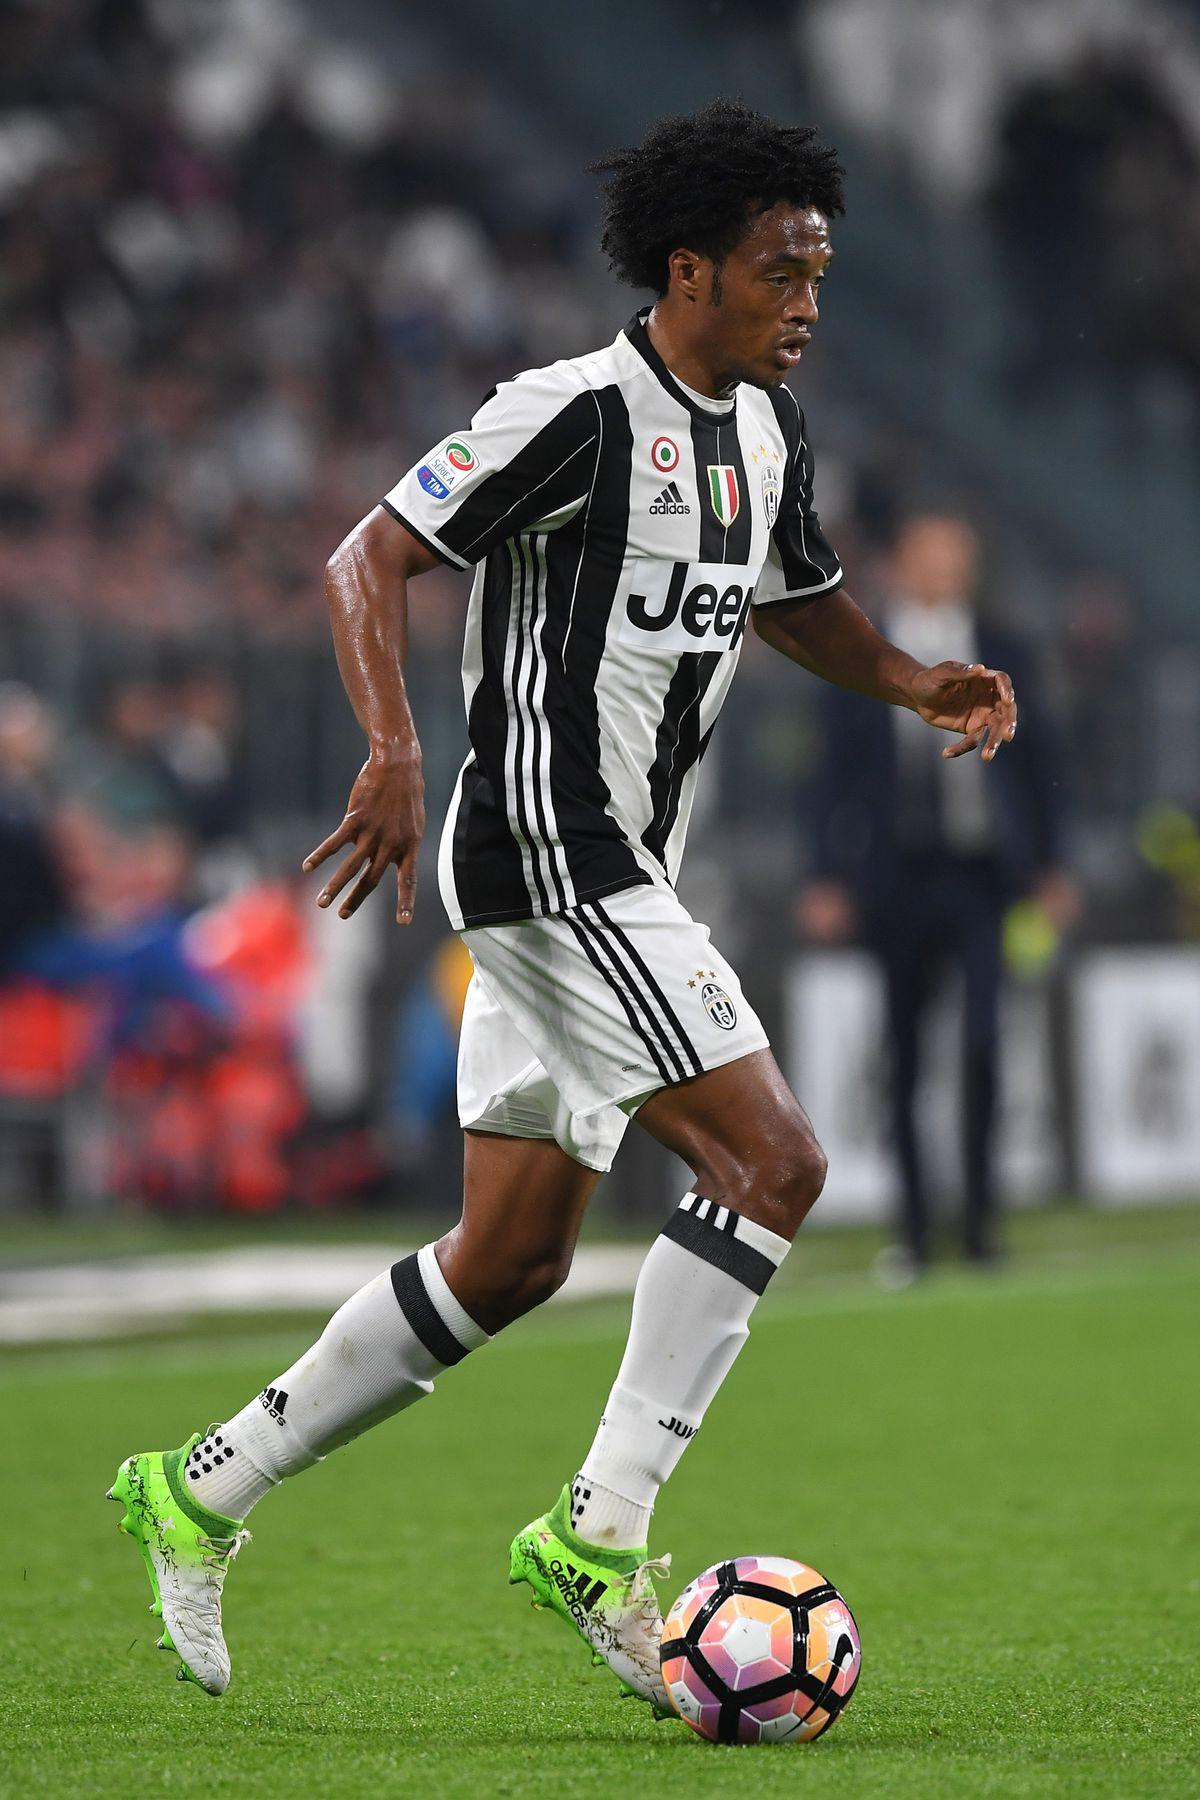 Juventus FC v AC ChievoVerona - Serie A